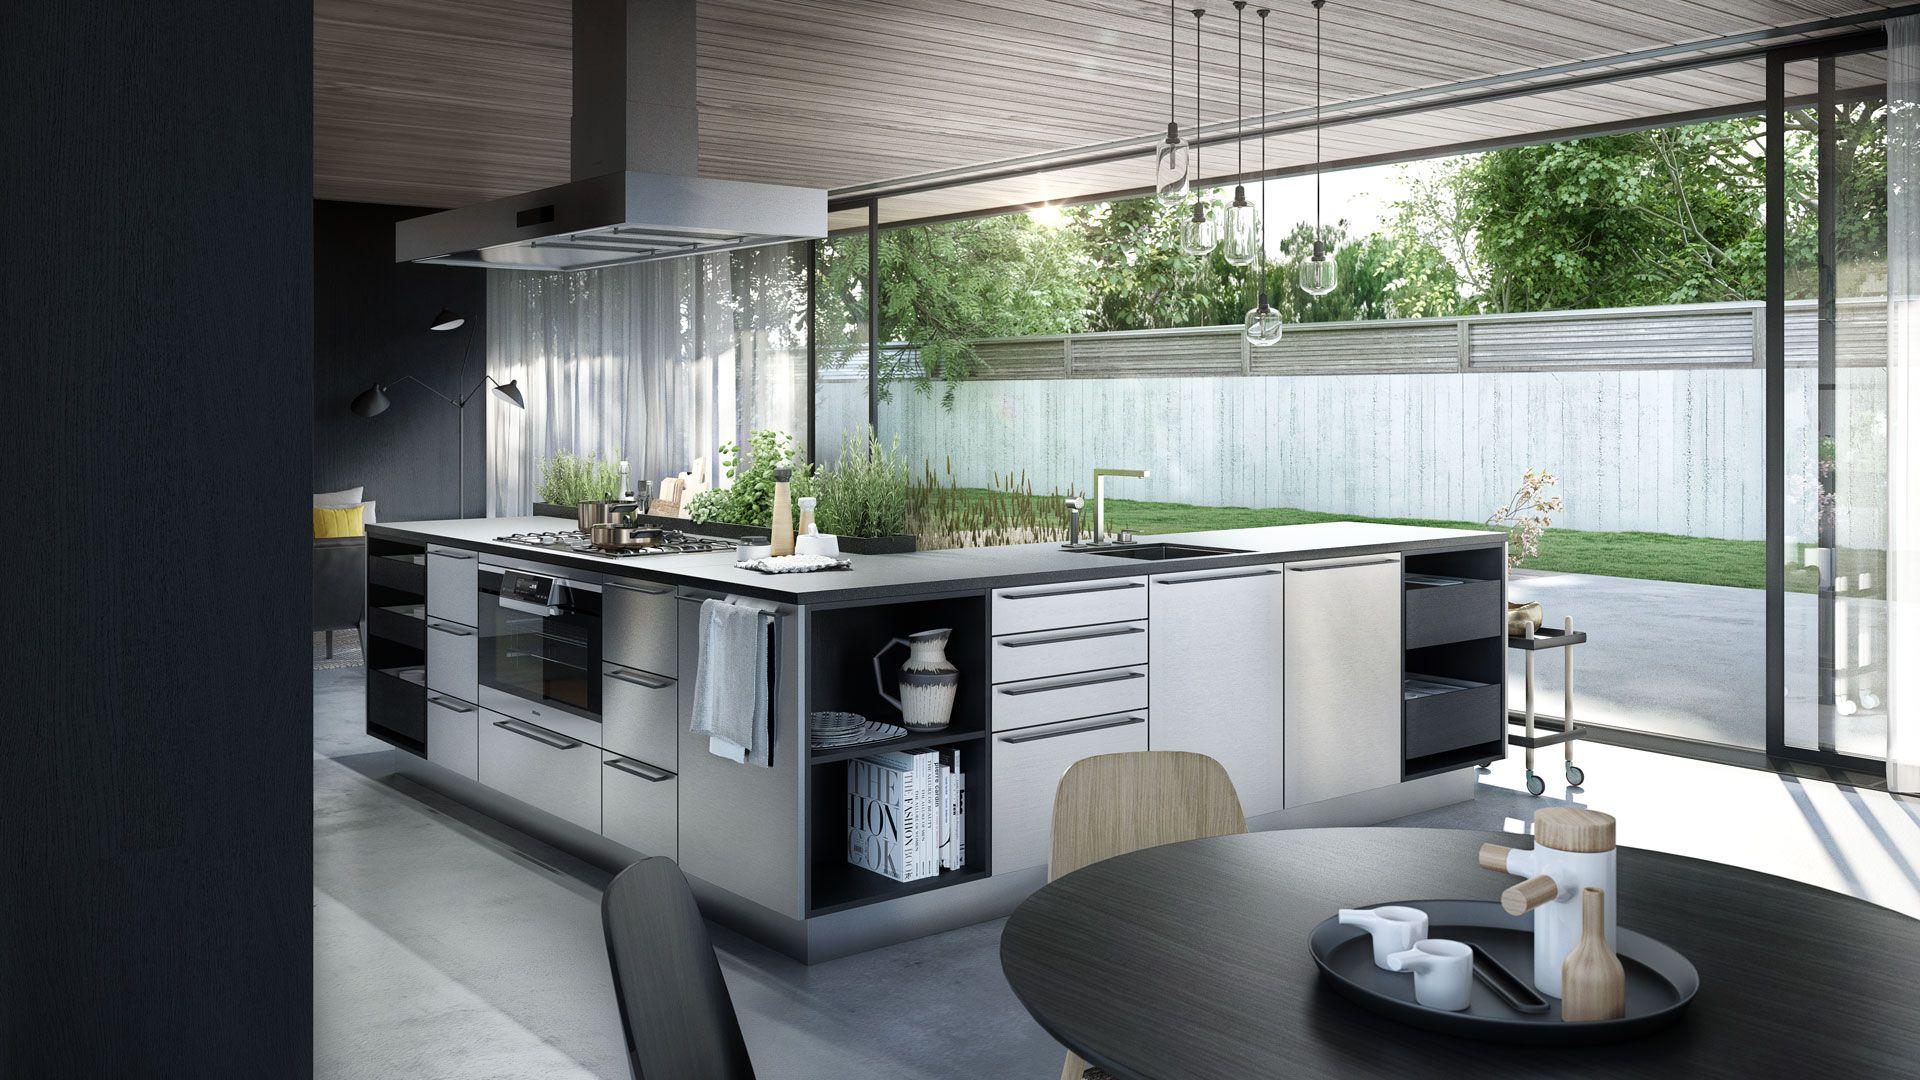 Siematickitchenurban05_2 1920×1080  Kitchens  Pinterest Custom Kitchen Design Innovations Decorating Design